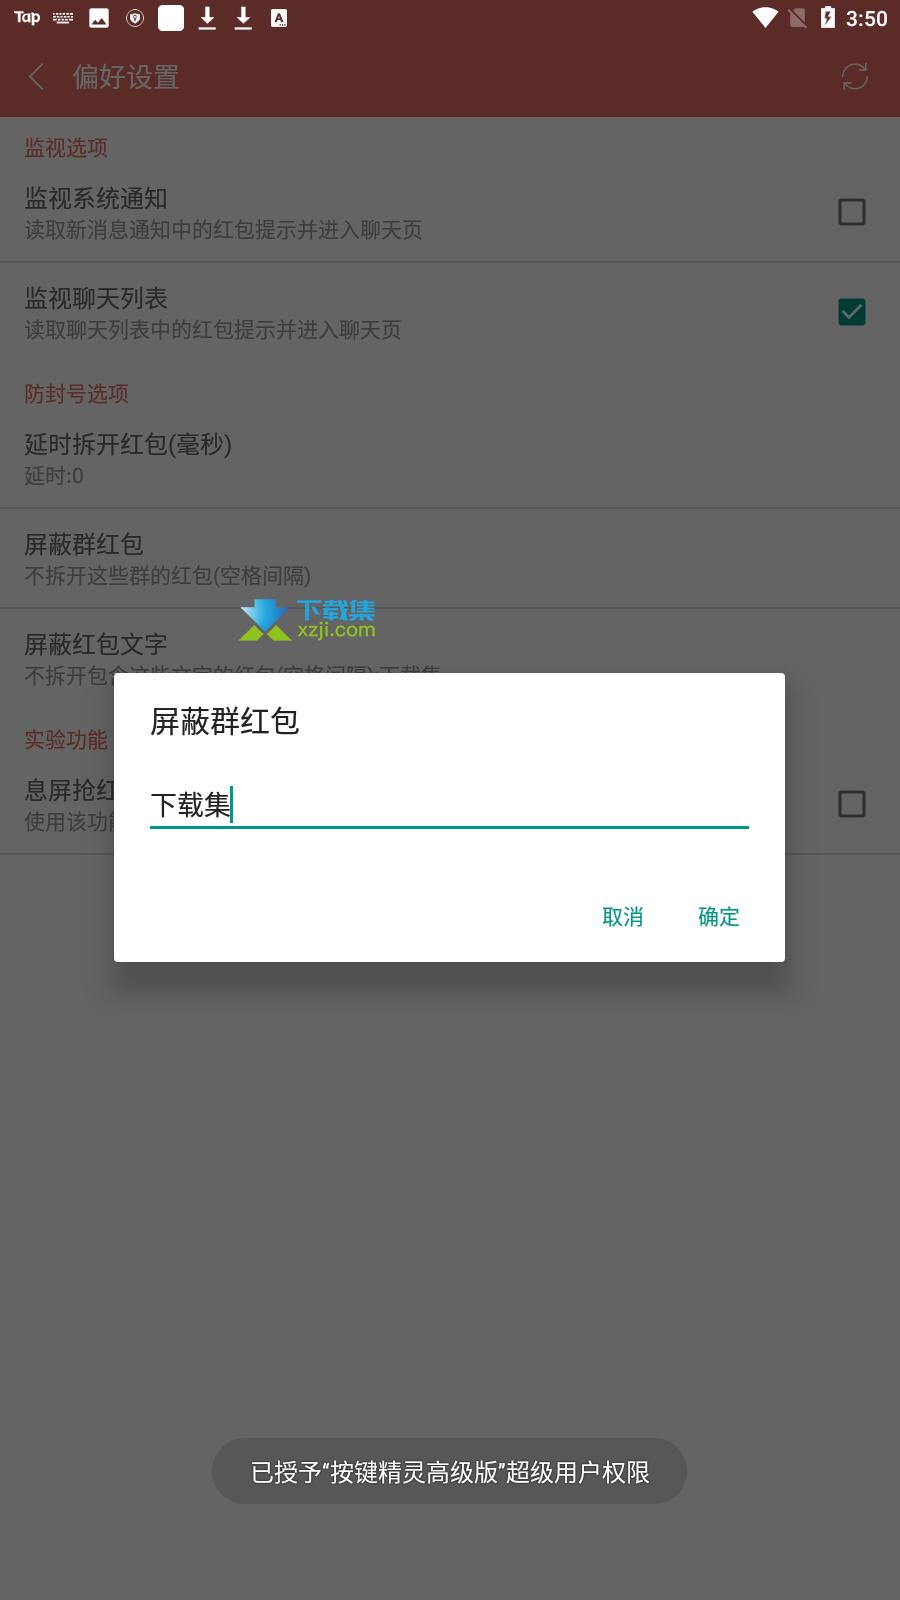 微信抢红包软件界面3